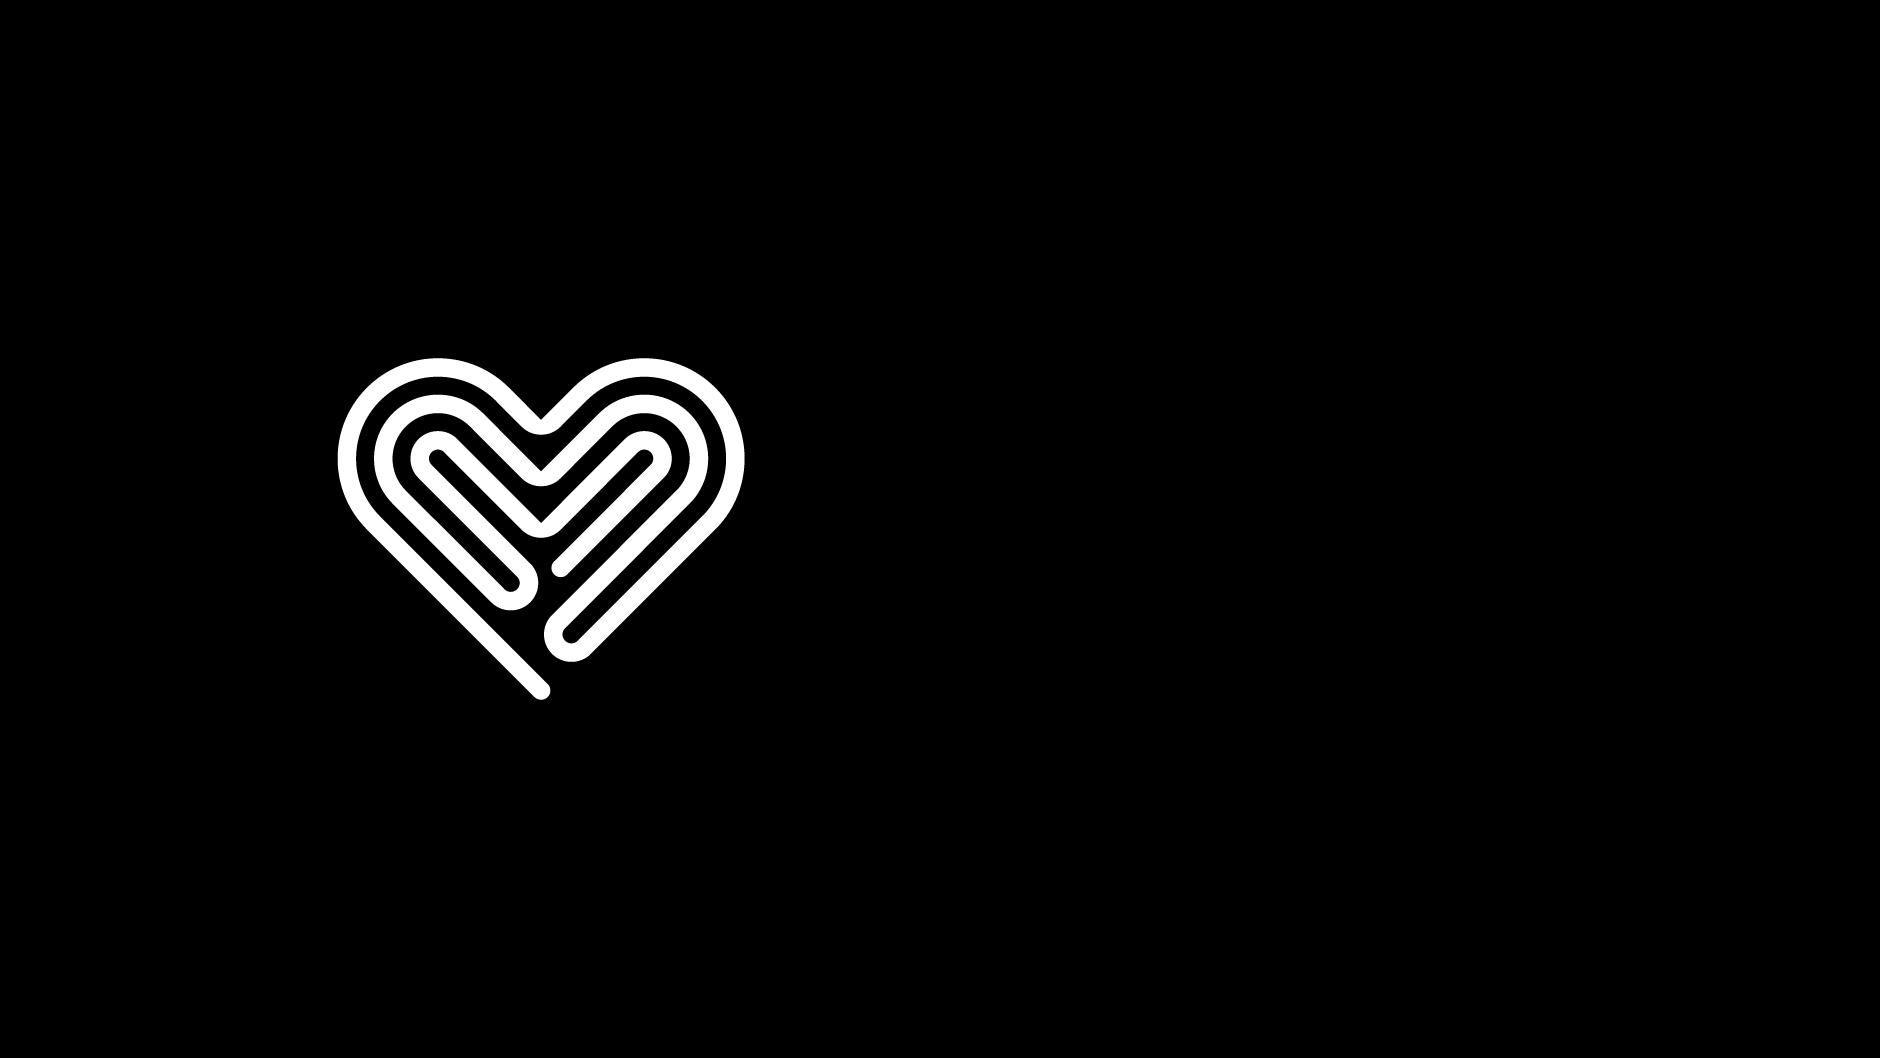 Fitt pittogramma cuore/tubo